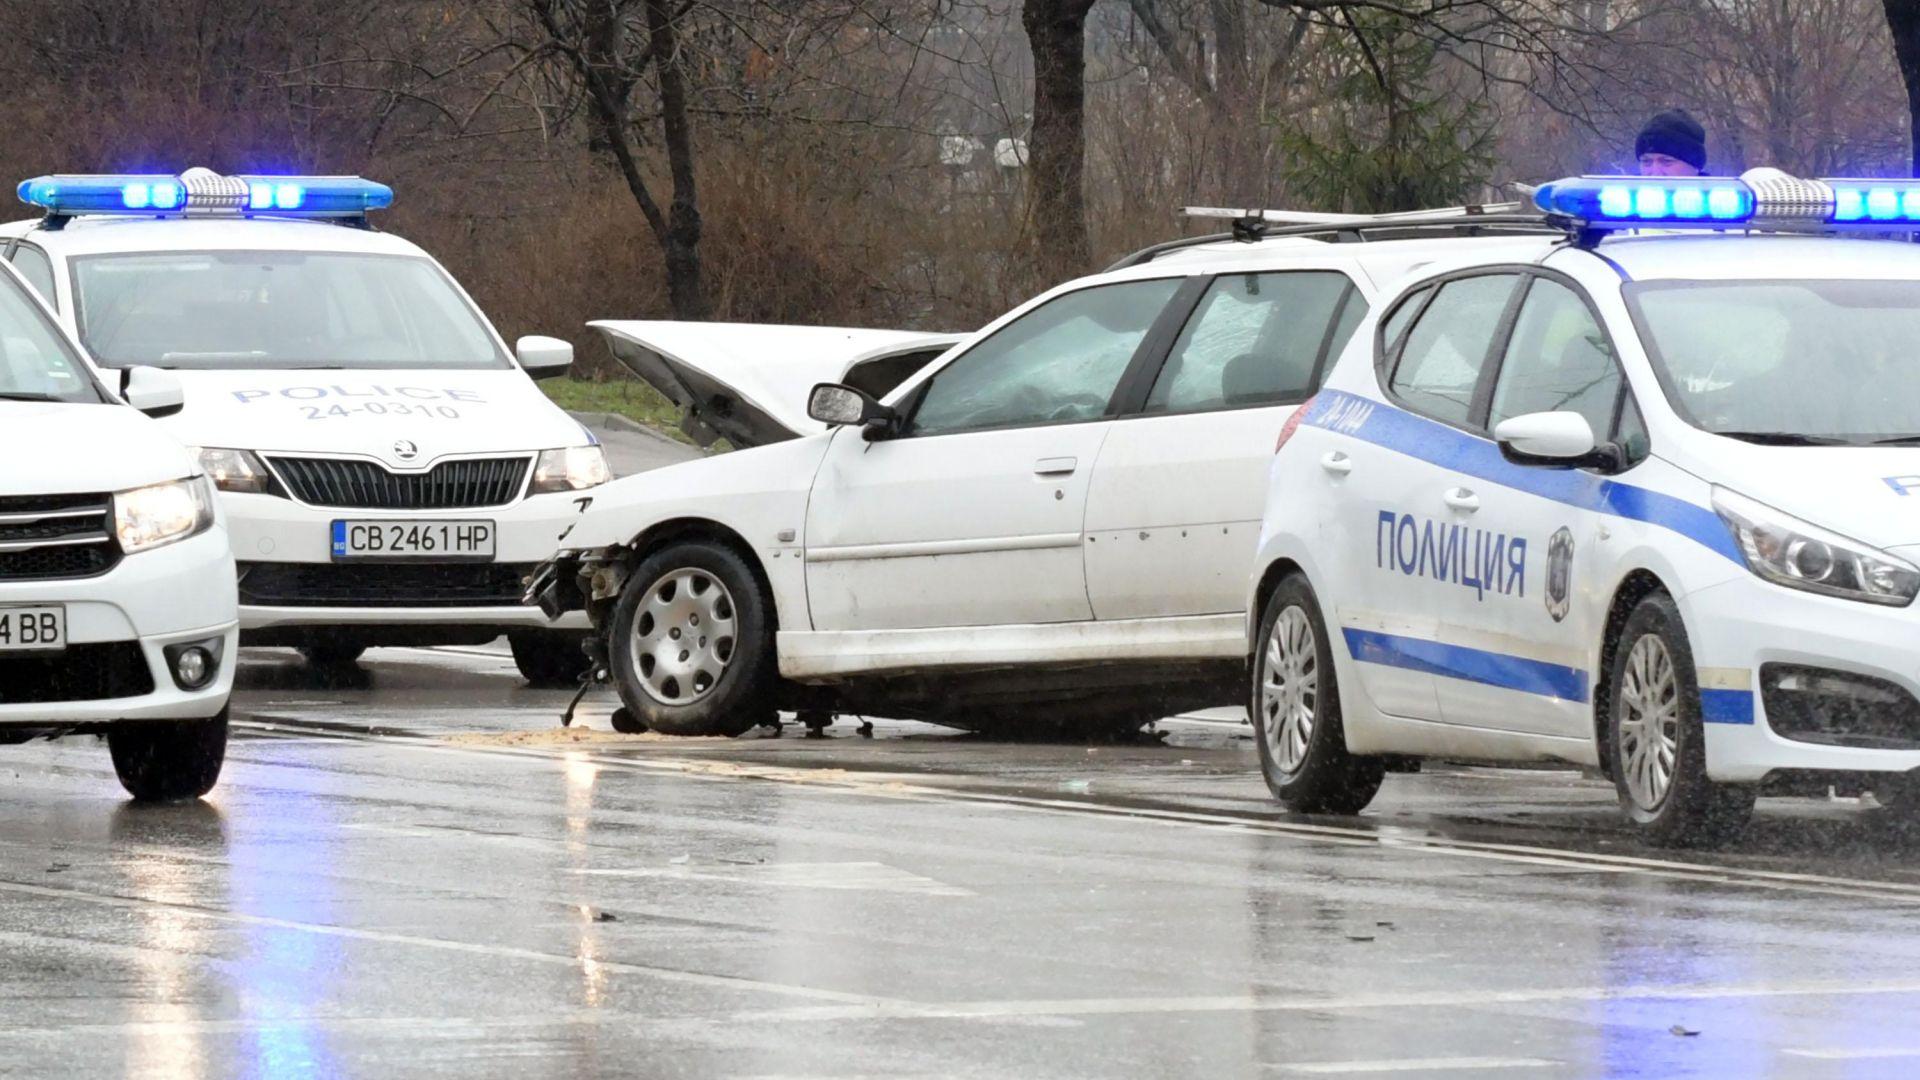 Пиян и дрогиран шофьор удари 6 автомобила и разби метален